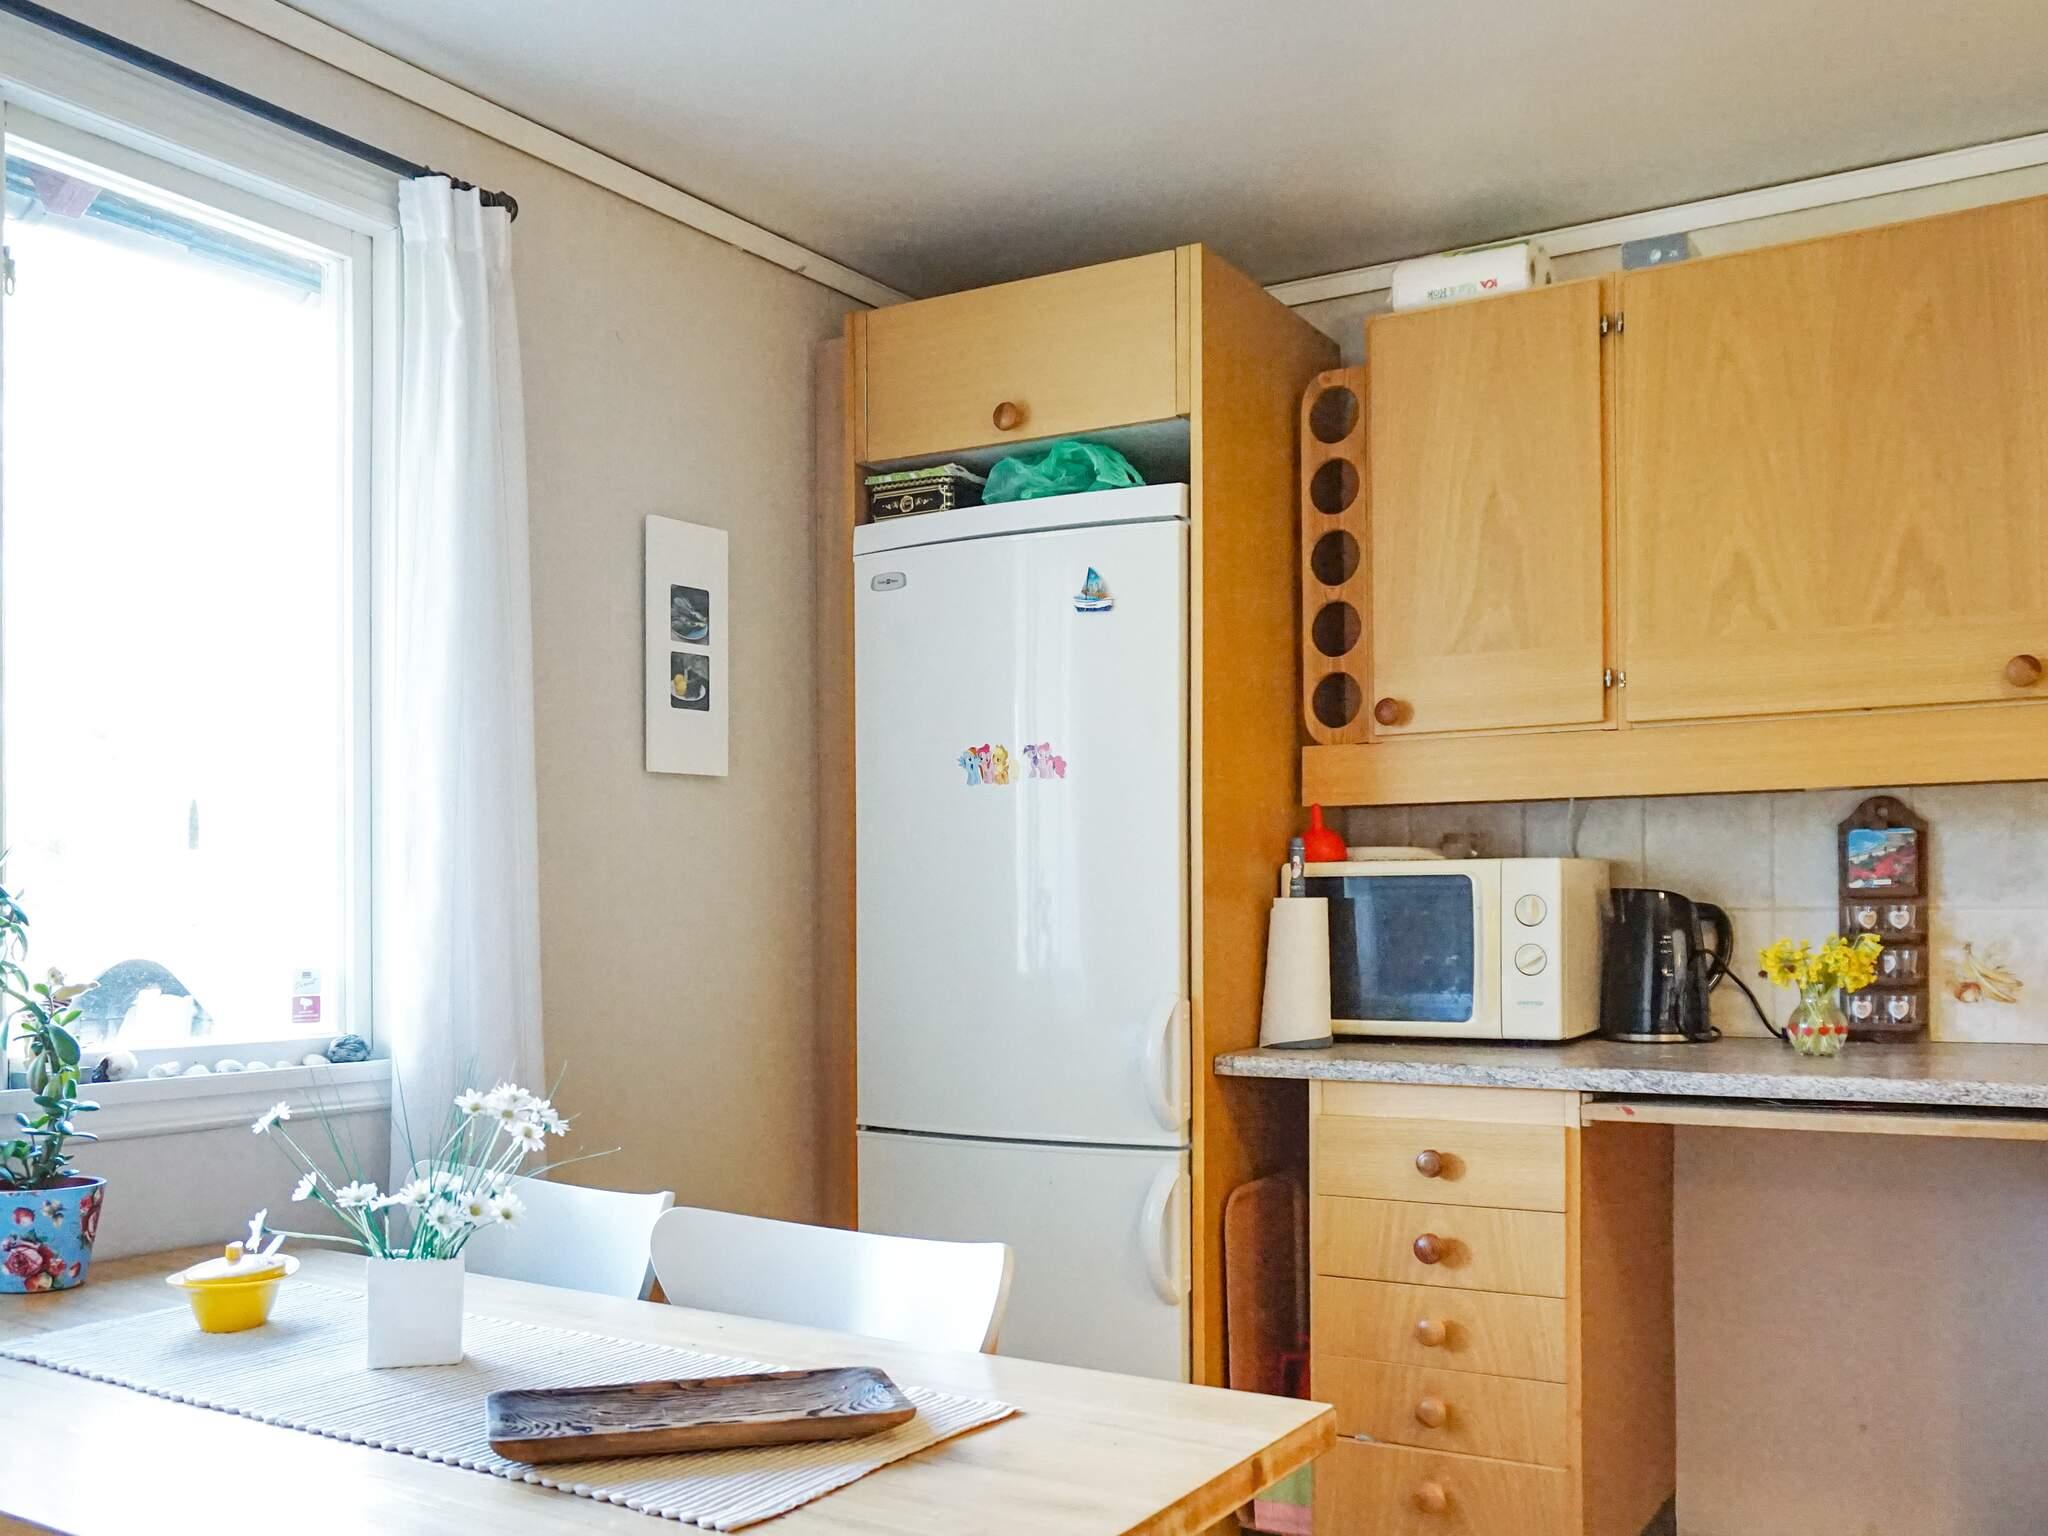 Ferienhaus Raftötången (2617885), Tanumshede, Västra Götaland län, Westschweden, Schweden, Bild 4